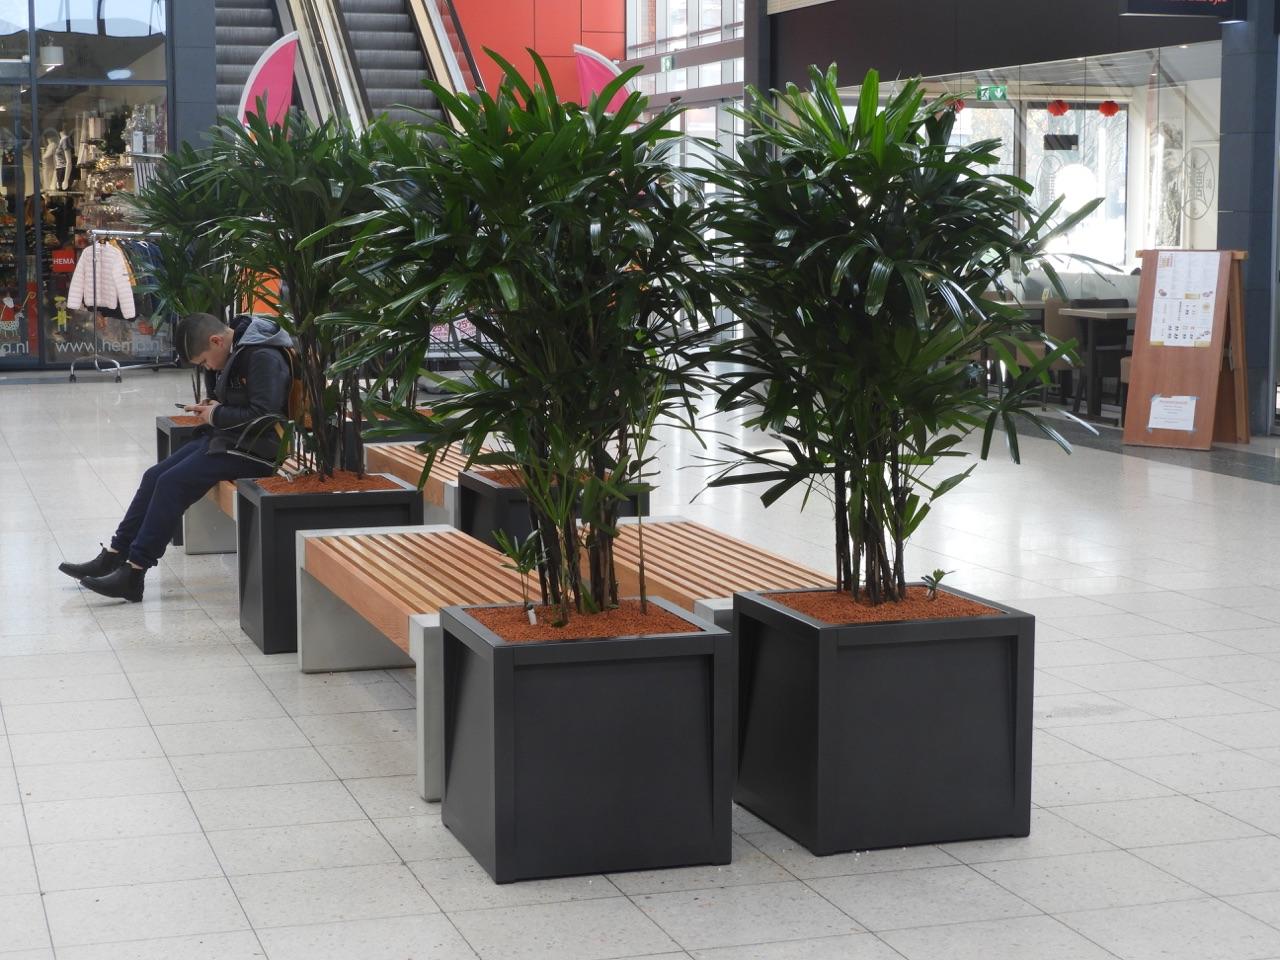 Frame plantenbak geschikt voor winkelcentra